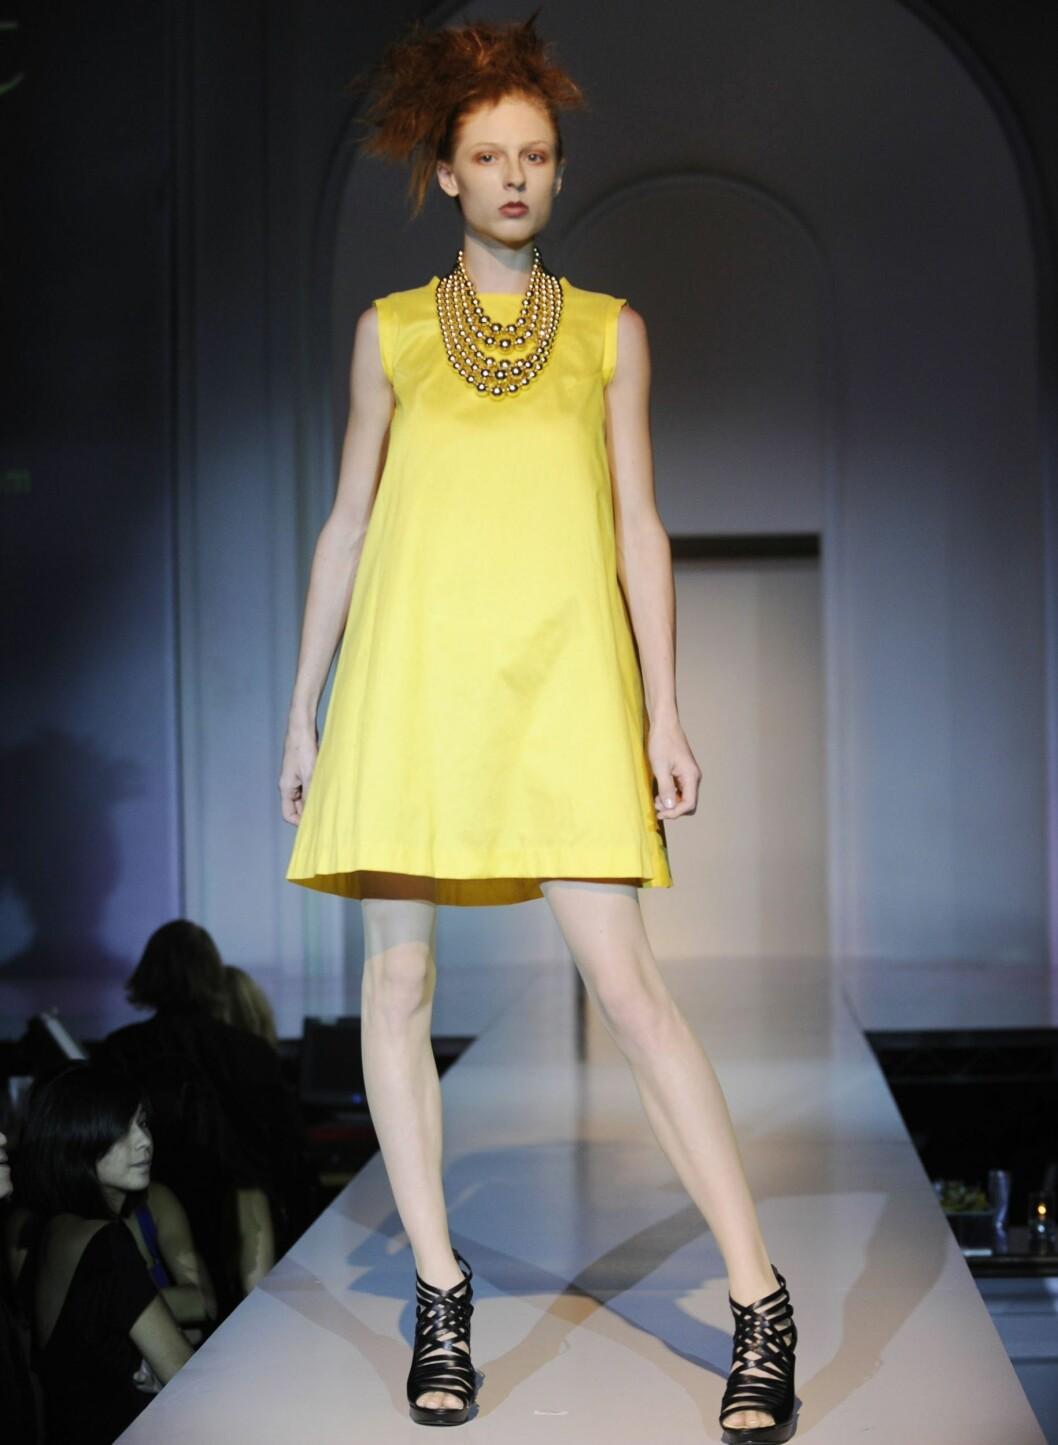 Li Cari By Jazmin Whitley viste også en knallgul kjole i A-snitt. Foto: All Over PressAll Over Press